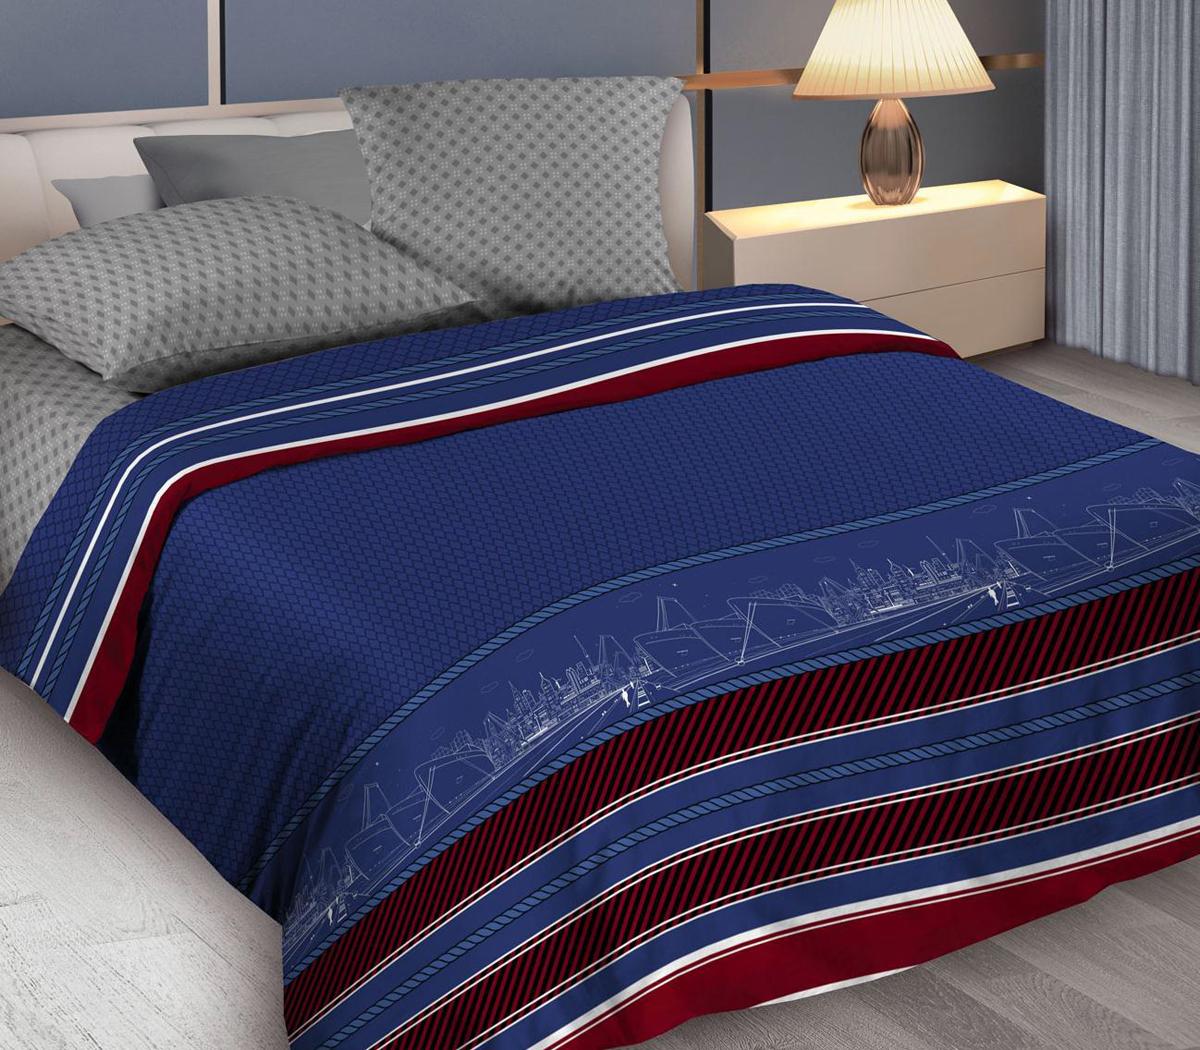 Комплект белья Wenge Belvedere, 2-спальный, наволочки 70x70, цвет: синий постельное белье wenge кпб 2 0 био комфорт wenge 70х70 рис 15158 1 15161 2 gallant